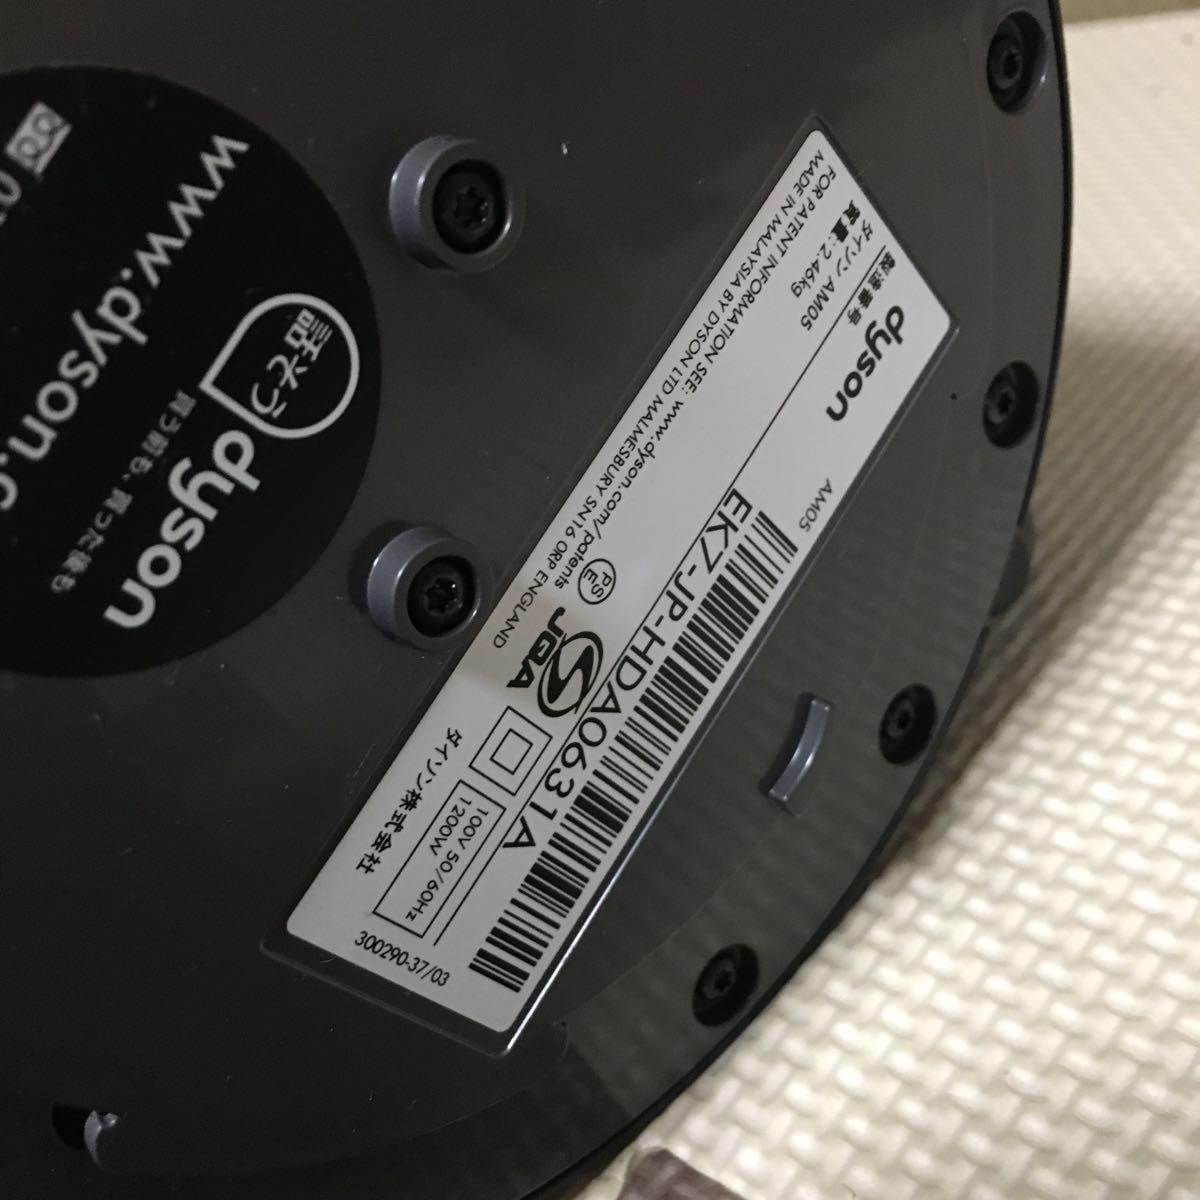 ☆必見☆ ダイソン セラミックファンヒーター 扇風機 ホット&クール AM05 EK7-JP-HDA0631A 2016年製 _画像8